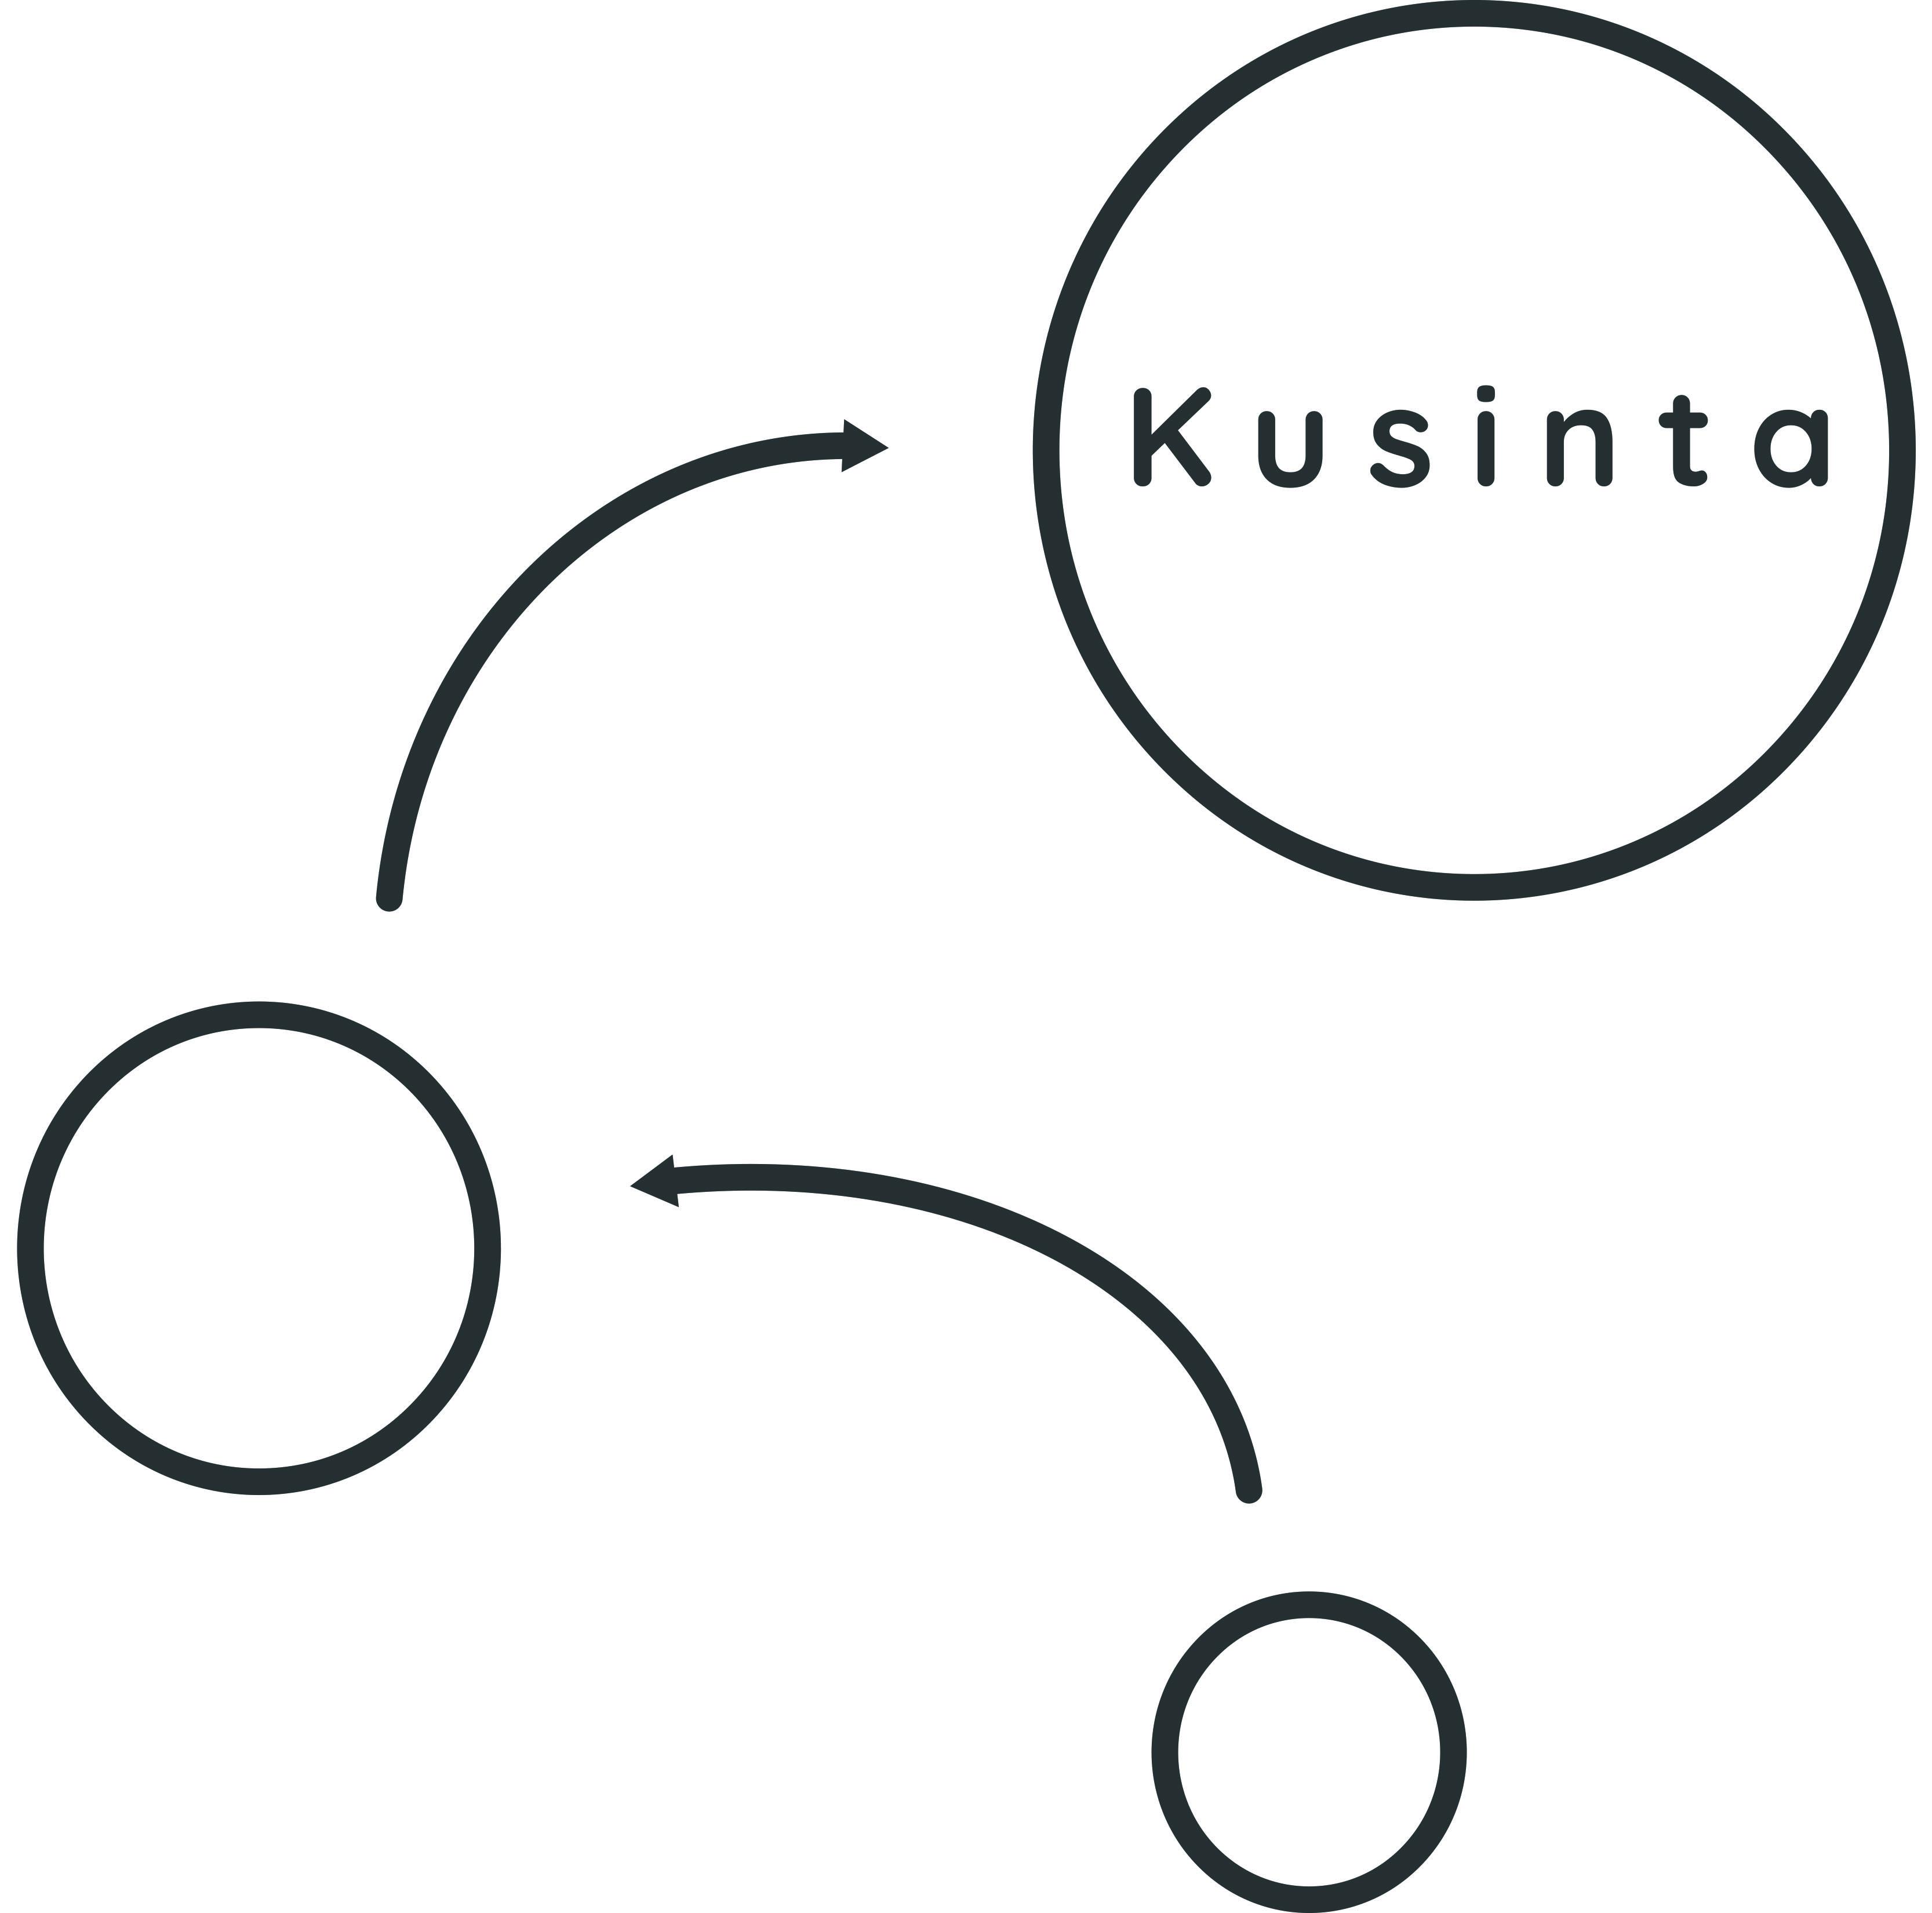 Kusinta logo